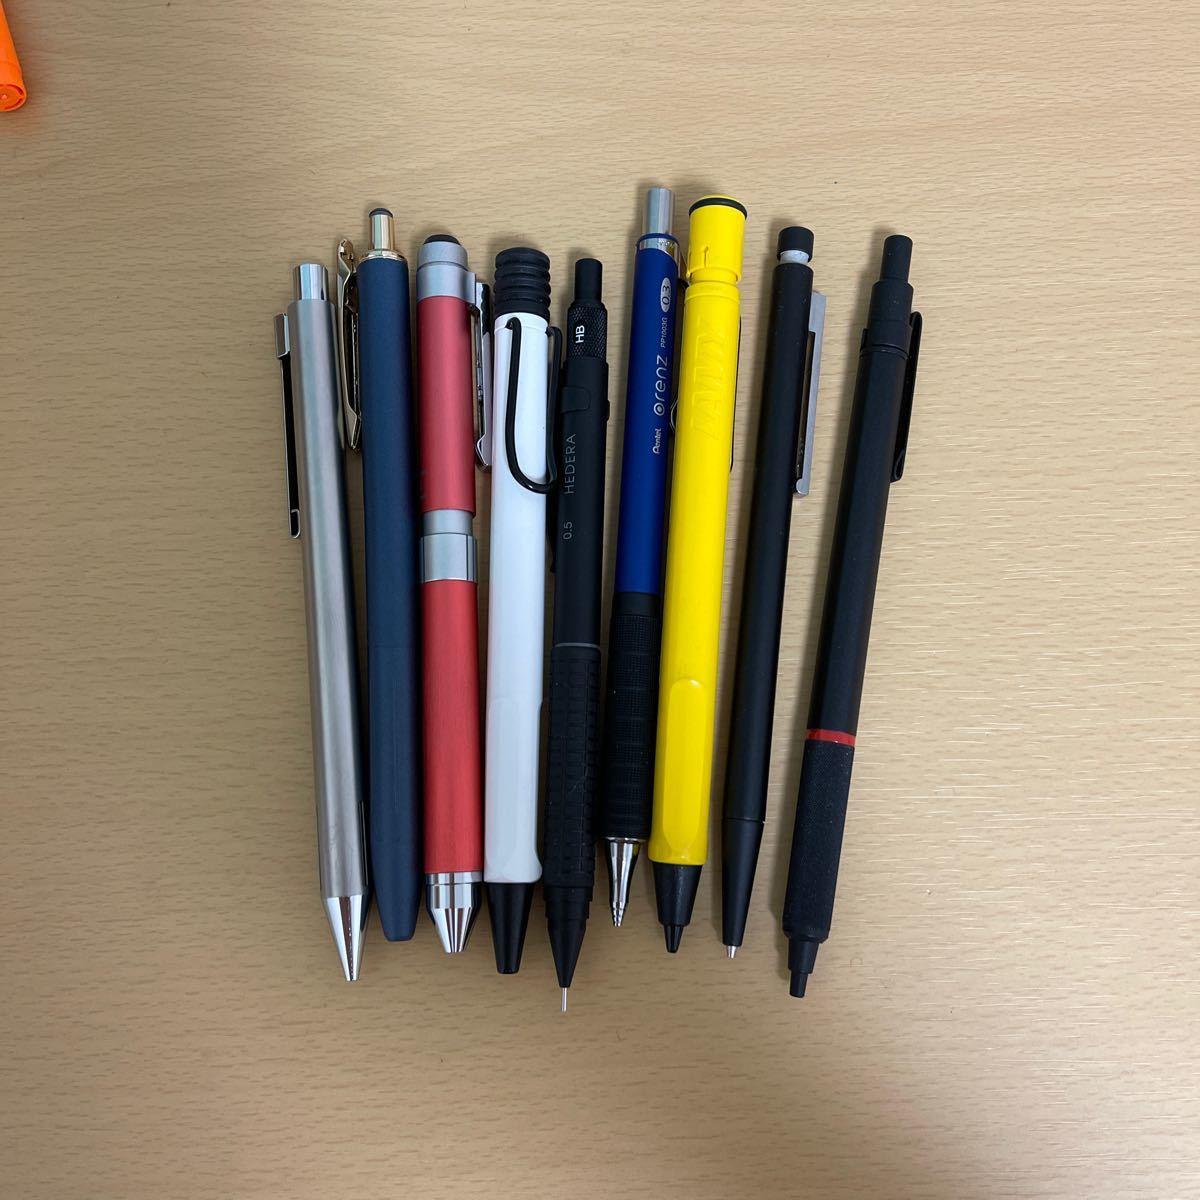 シャープペン、ボールペンまとめセット